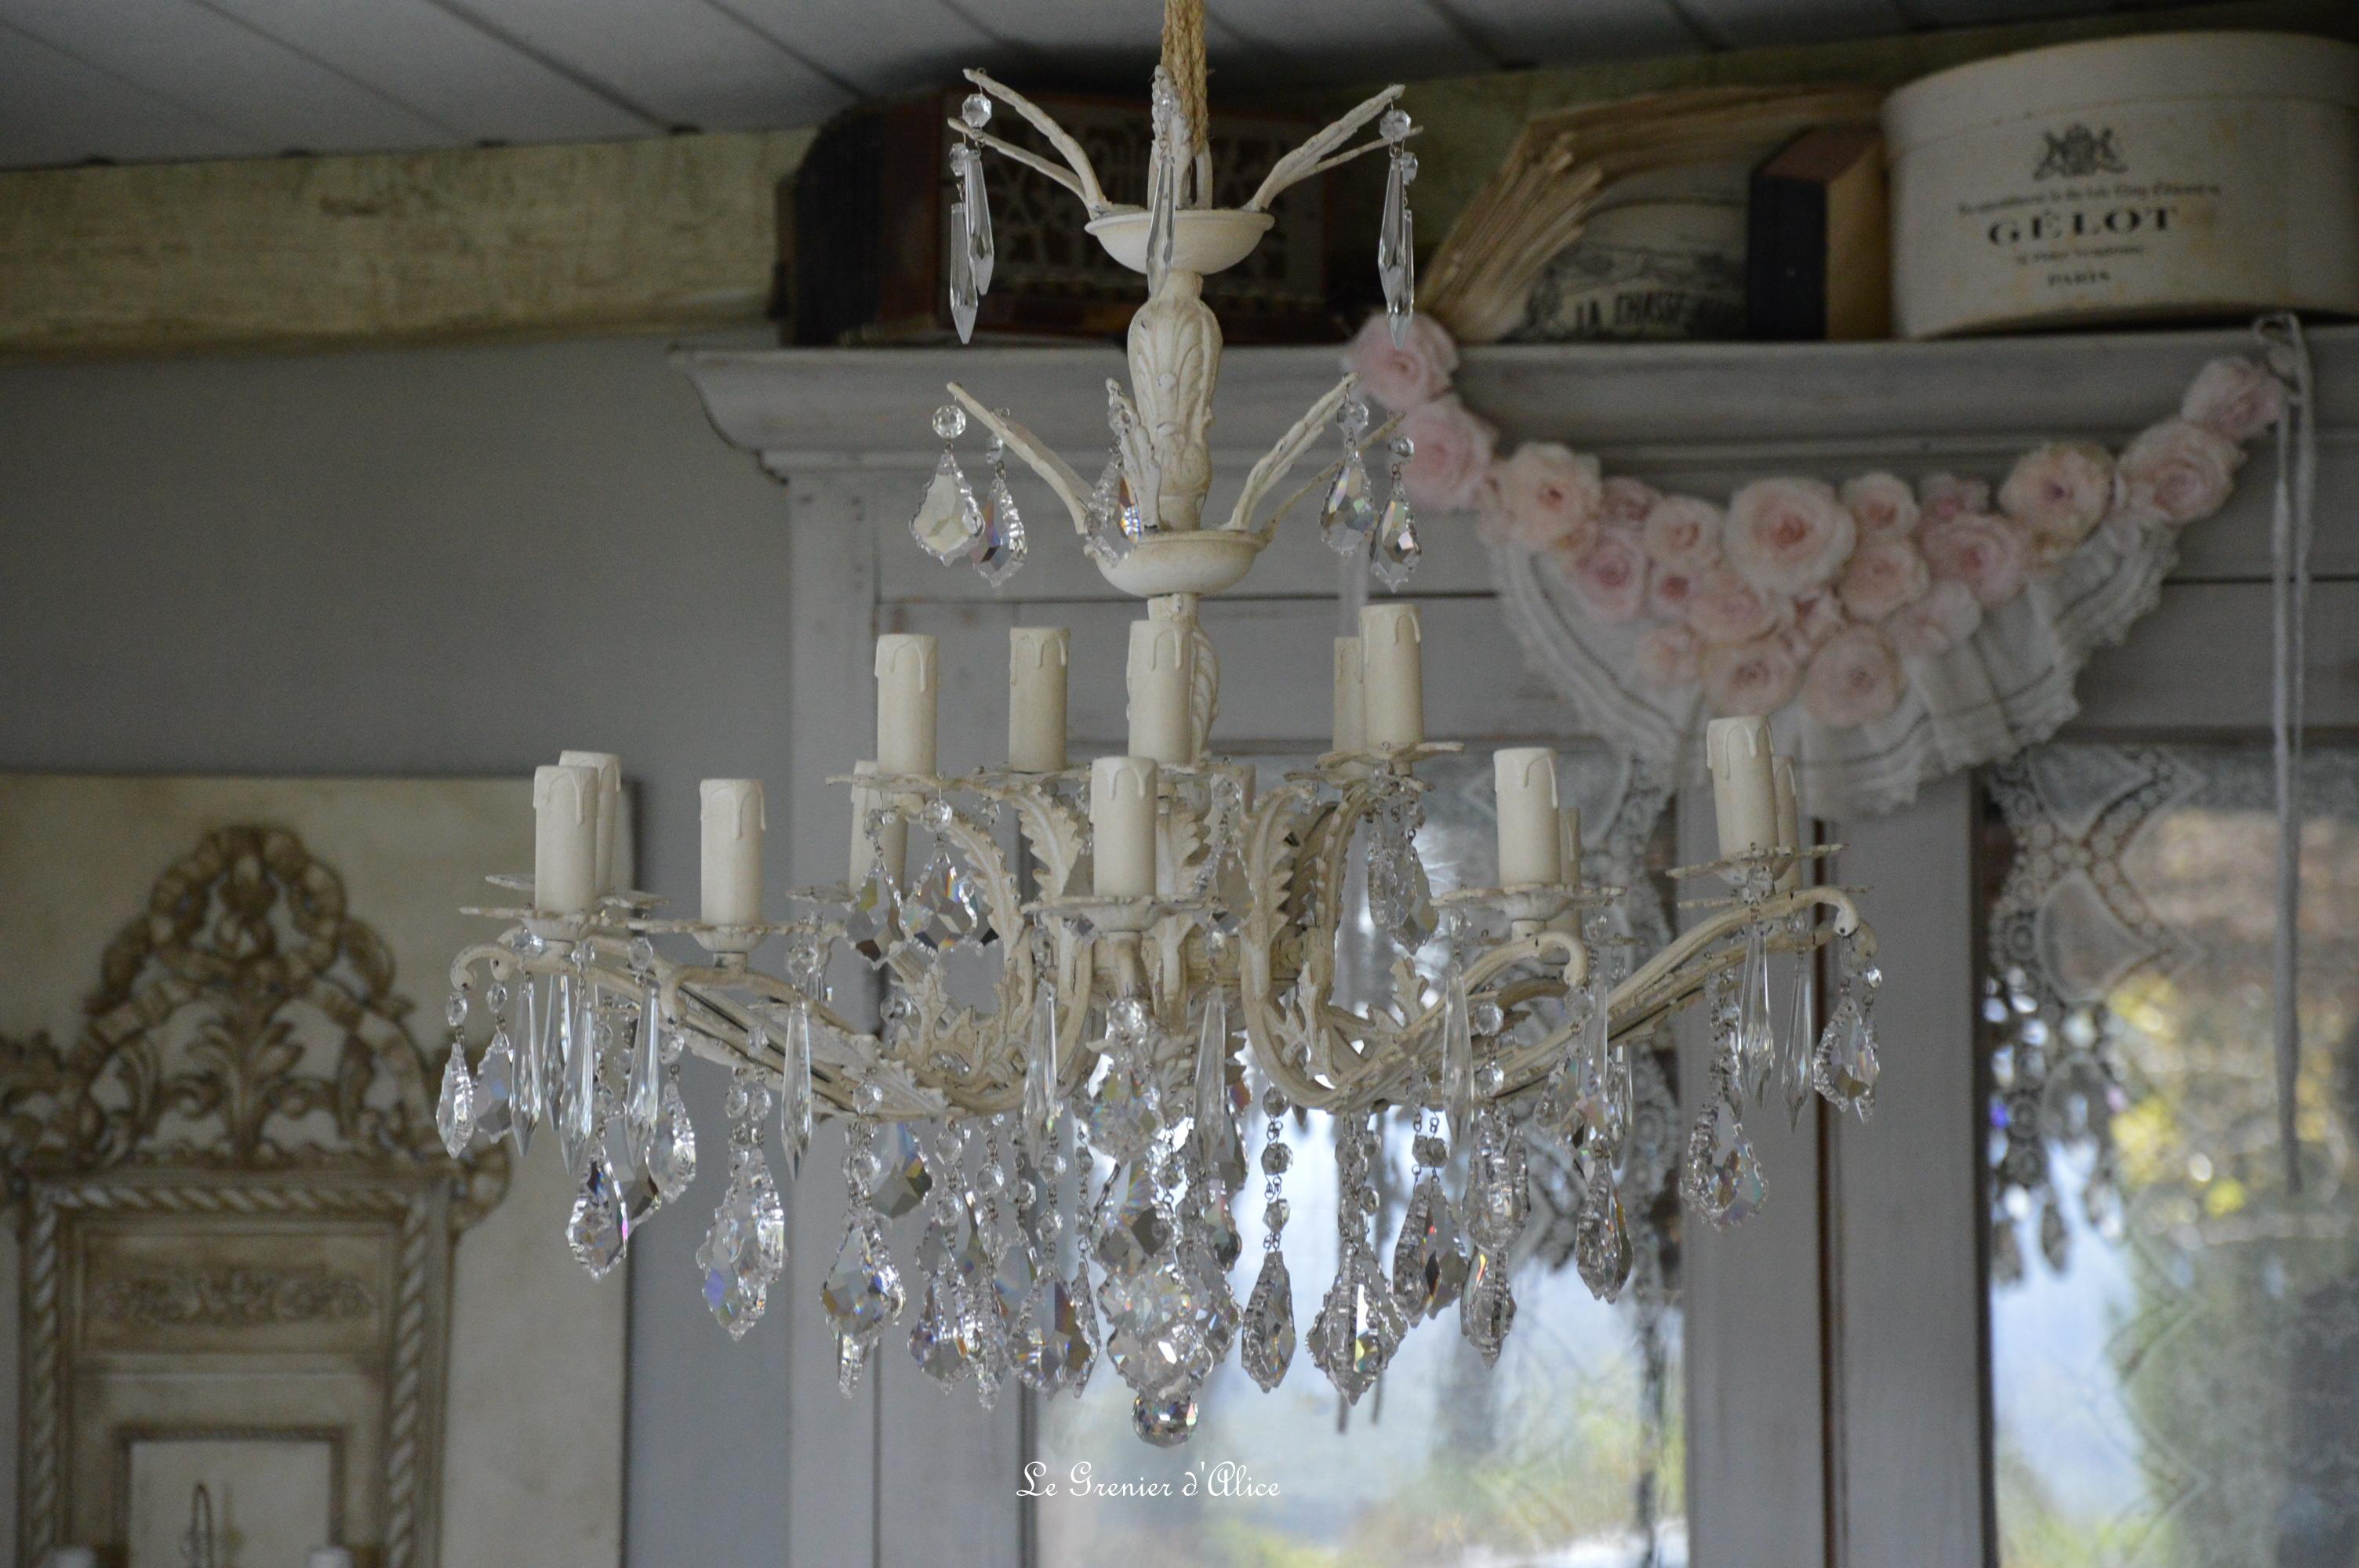 Lustre vingt lumières lustre romantique shabby chic chandelier patine lin pampilles cristal creation le grenier dalice